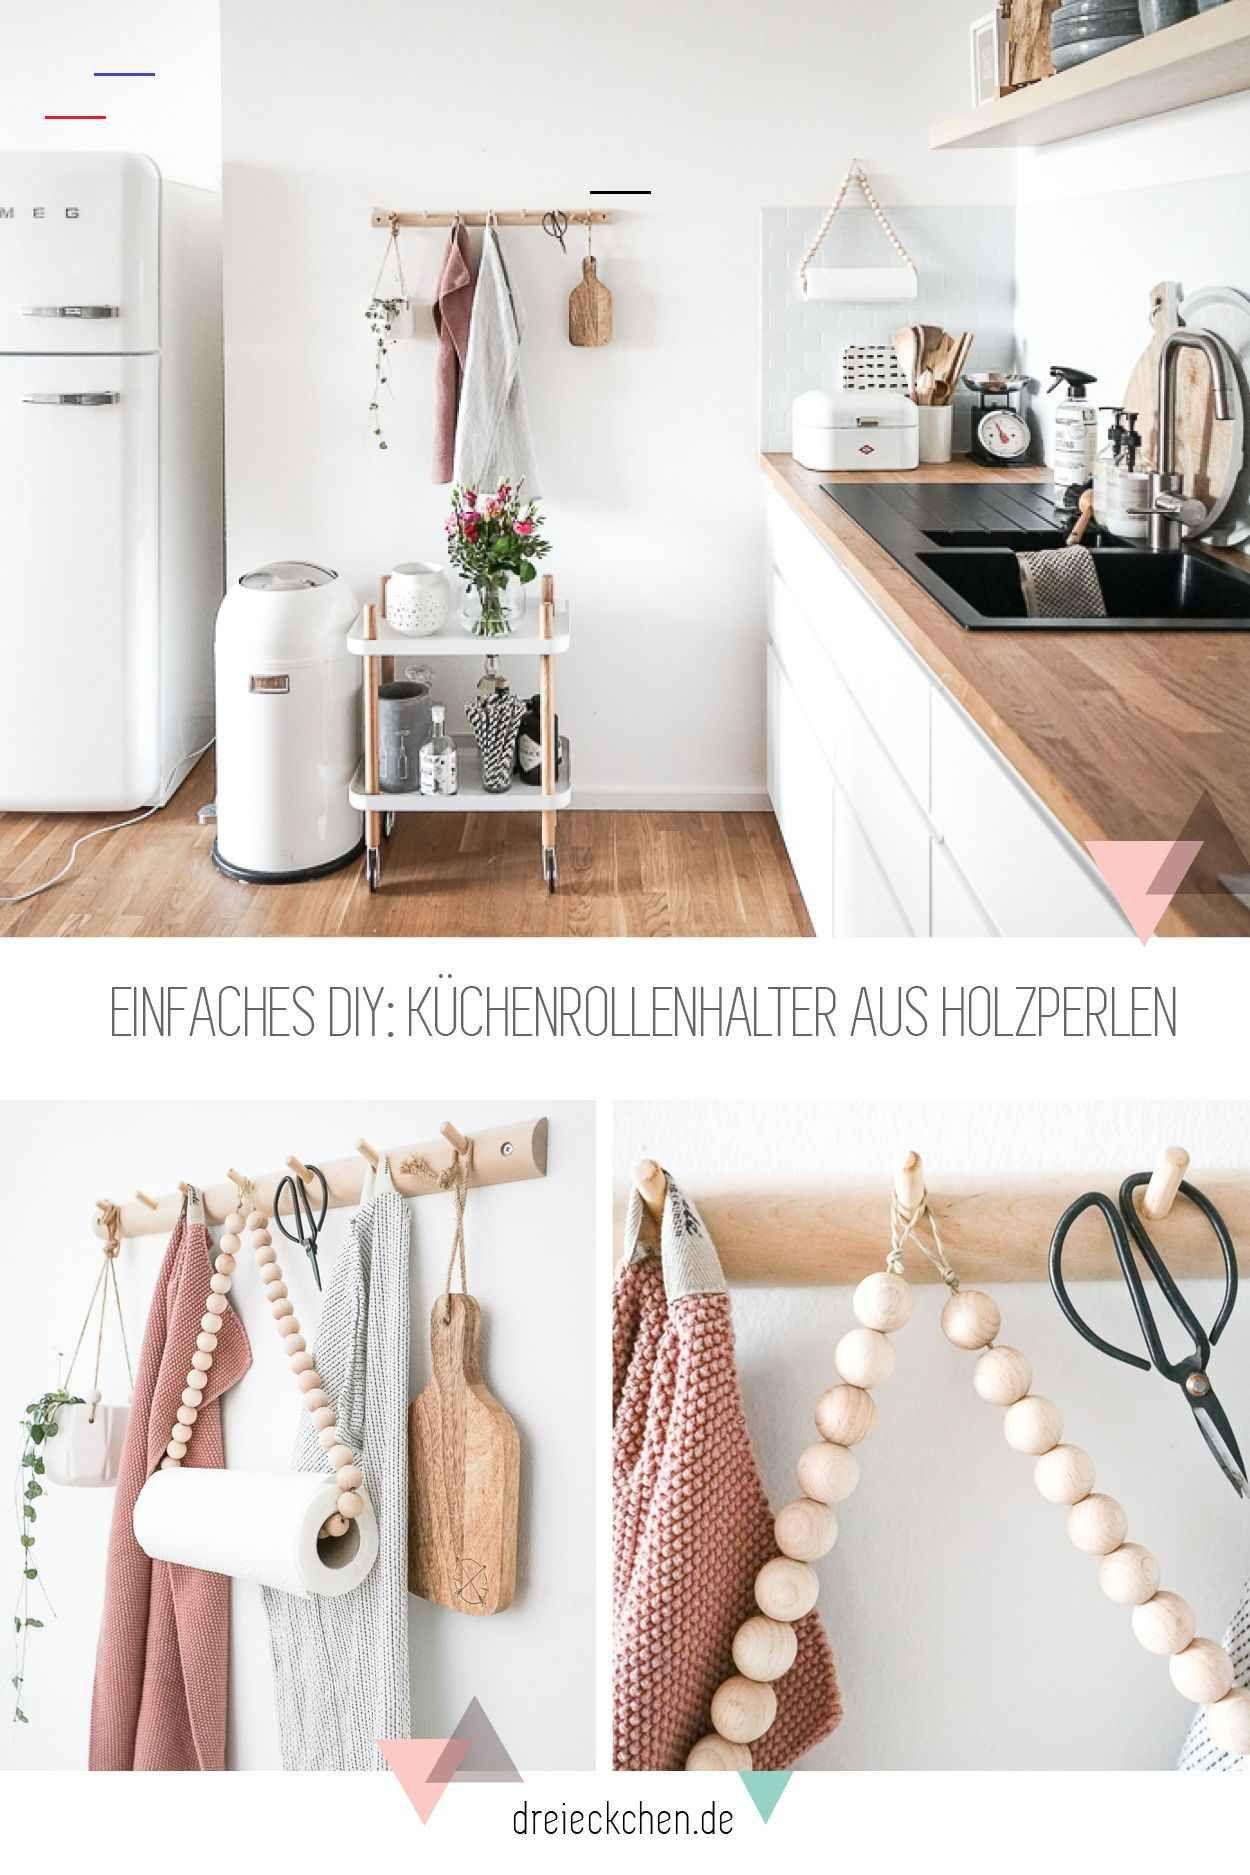 Ordnung In Der Ikea Kuche Ikeakeuken Schnell Und Super Einfach Umgesetzt Wie Ihr Diese Schonen Kuchenutensilien Selbst Aus Holzkugeln Un